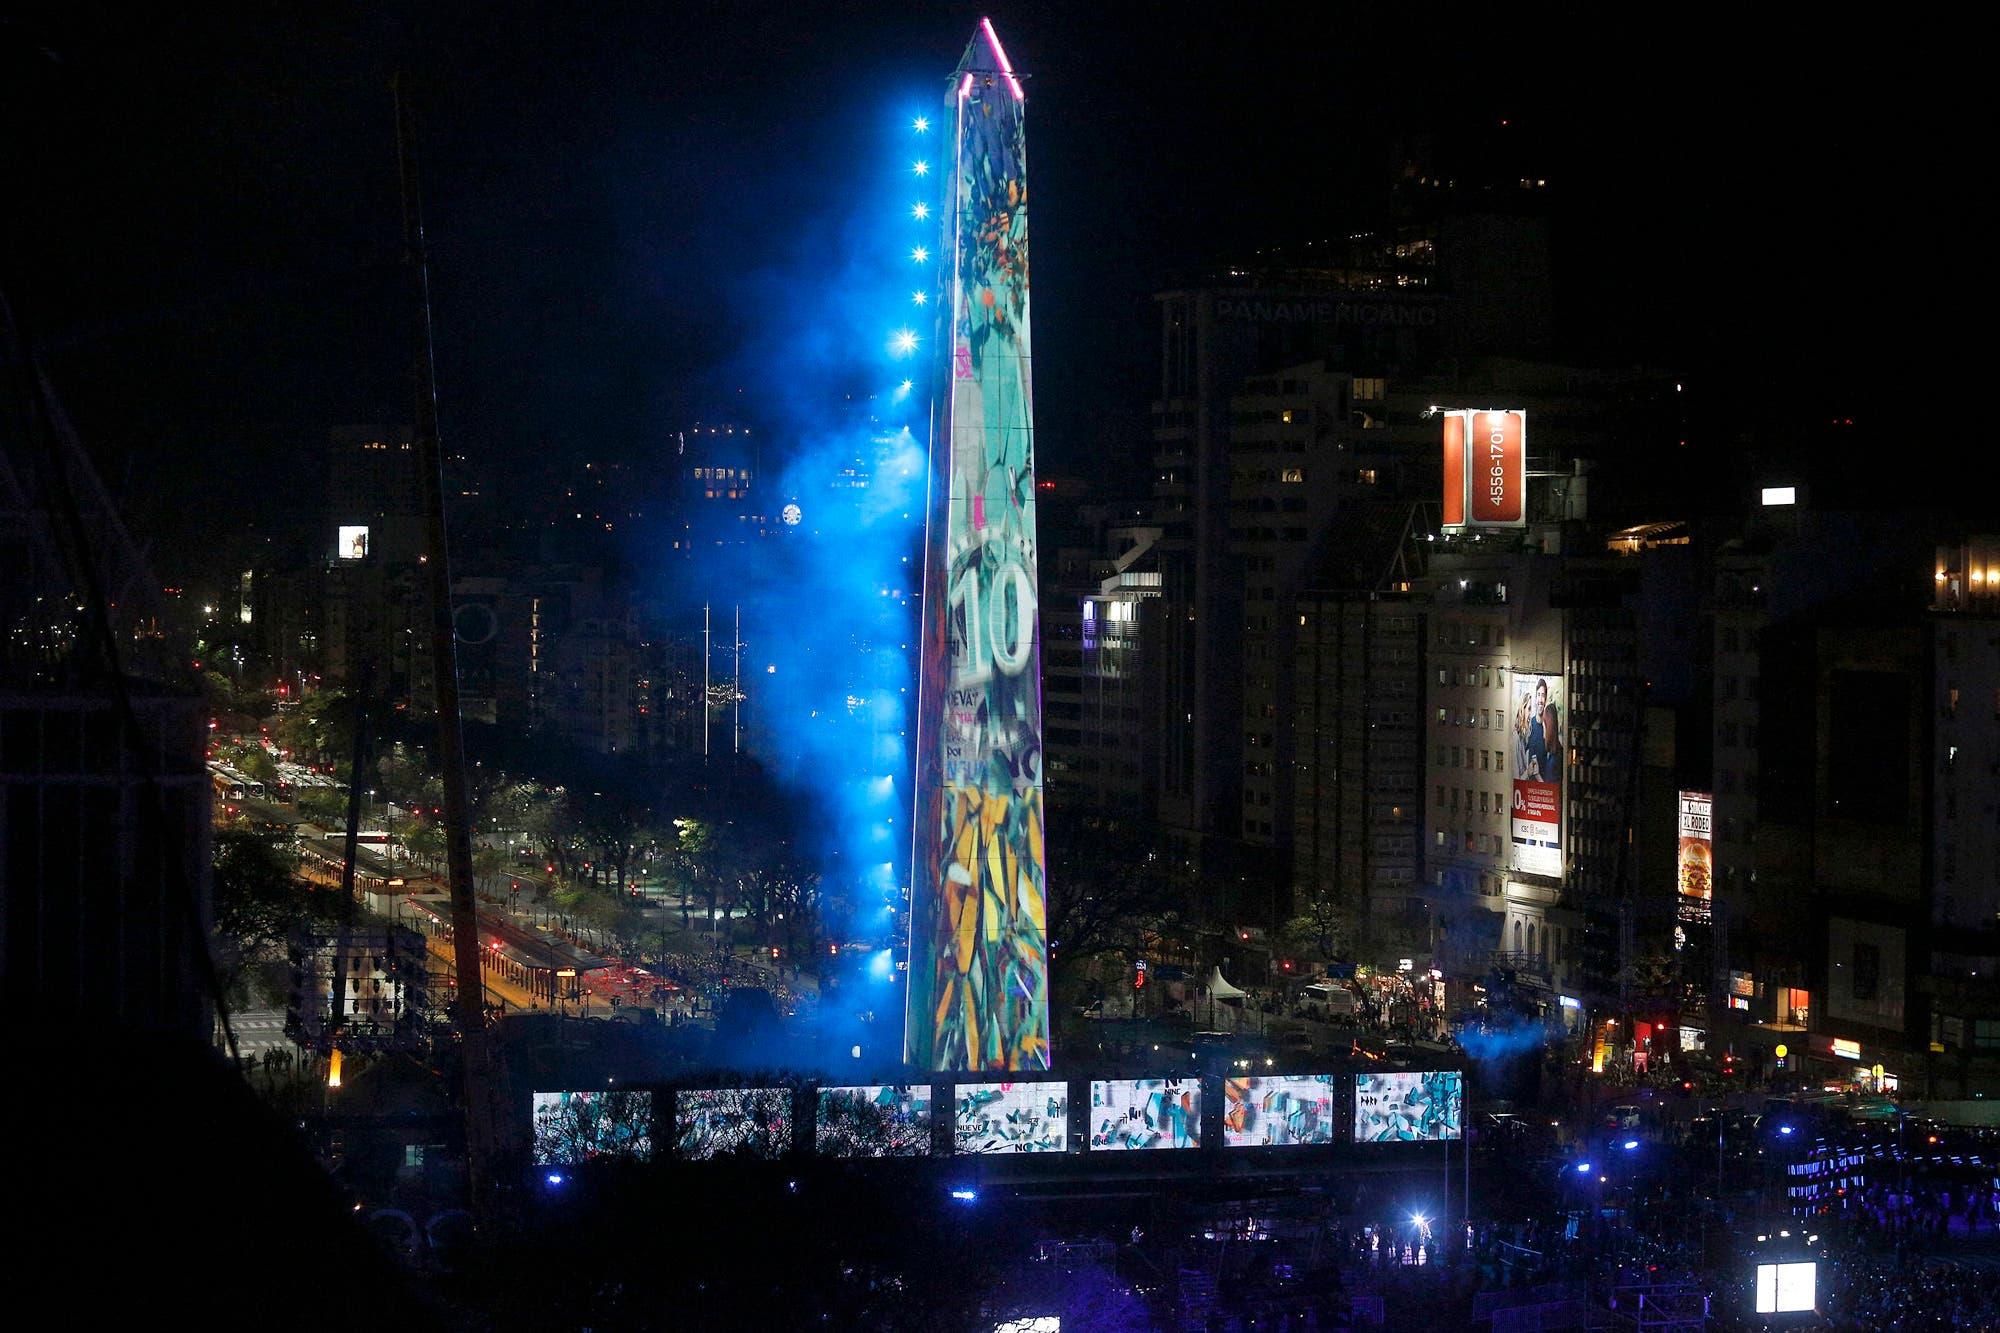 Juegos Olímpicos de la Juventud: una fiesta que atrajo a una marea humana a los pies del Obelisco